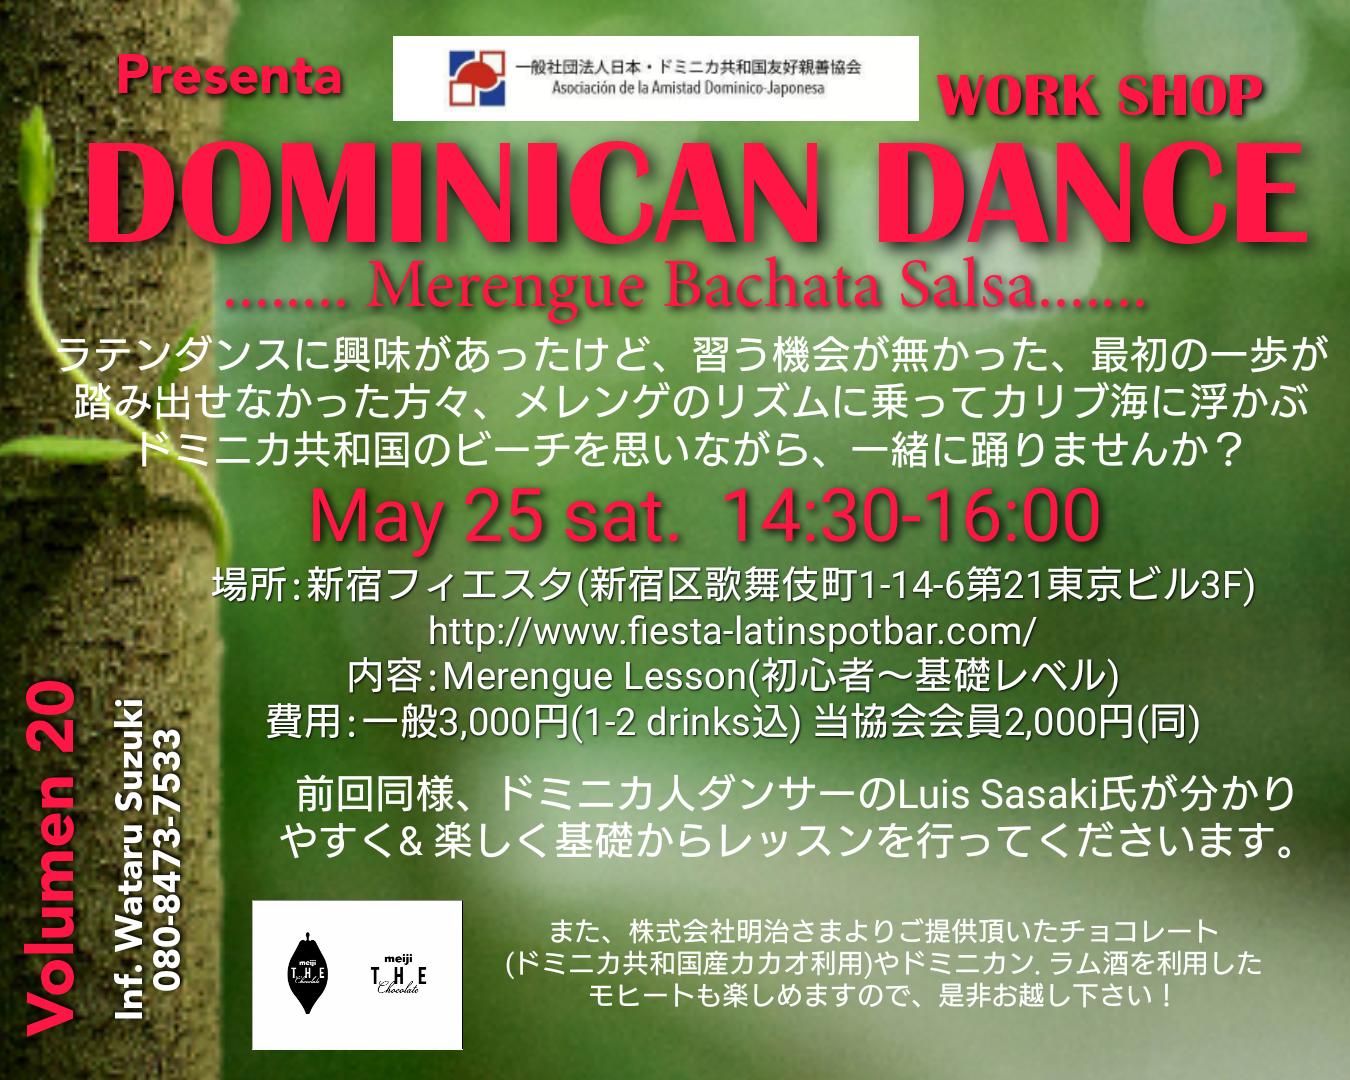 第20回ドミニカンダンス・ワークショップ開催のお知らせ(¡Invitación al vigésimo taller de baile dominicano!)